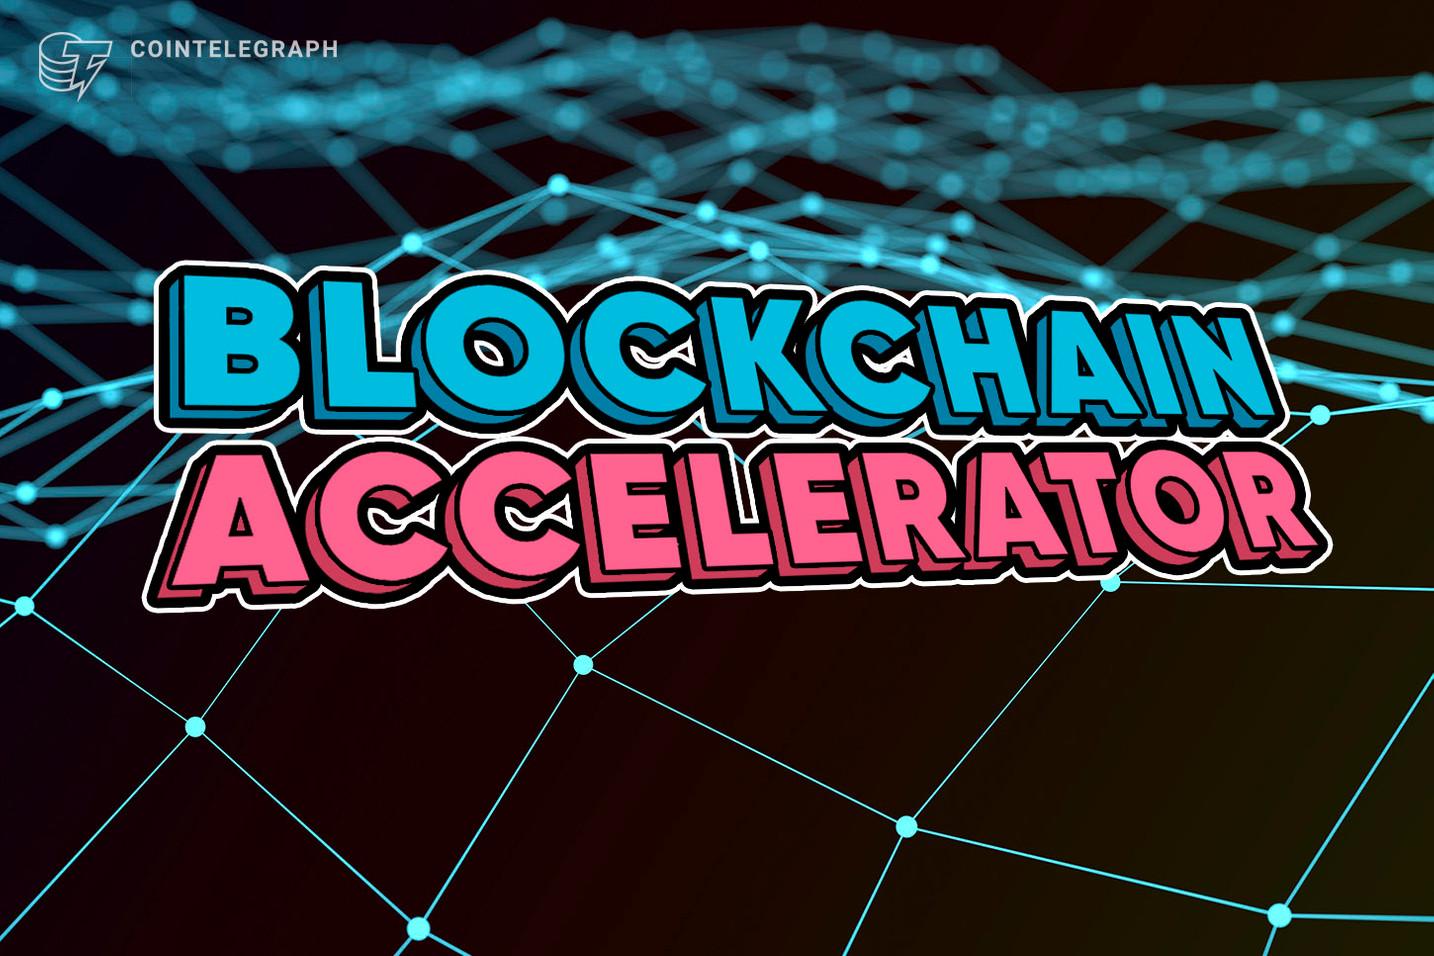 Blockchain Accelerator: serie de eventos para programadores en Uruguay, Argentina y Colombia